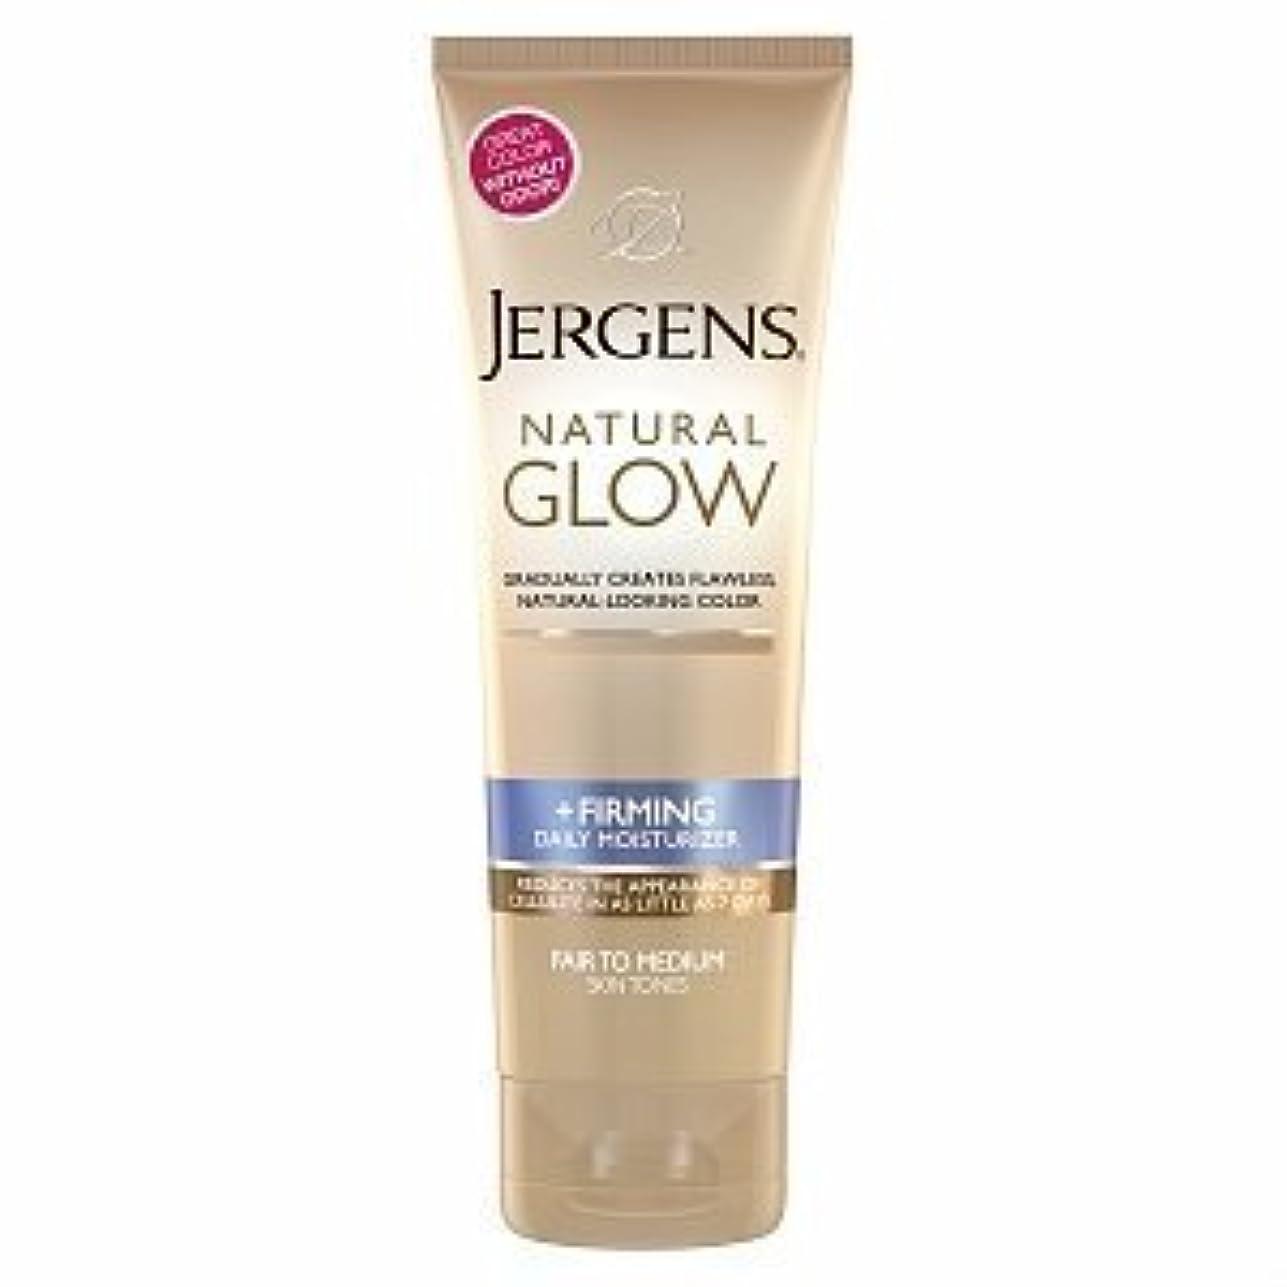 一族先のことを考える囚人Natural Glow Firming Daily Moisturizer, Fair to Medium Skin Tone 7.5 fl oz (221 ml) (海外直送品)